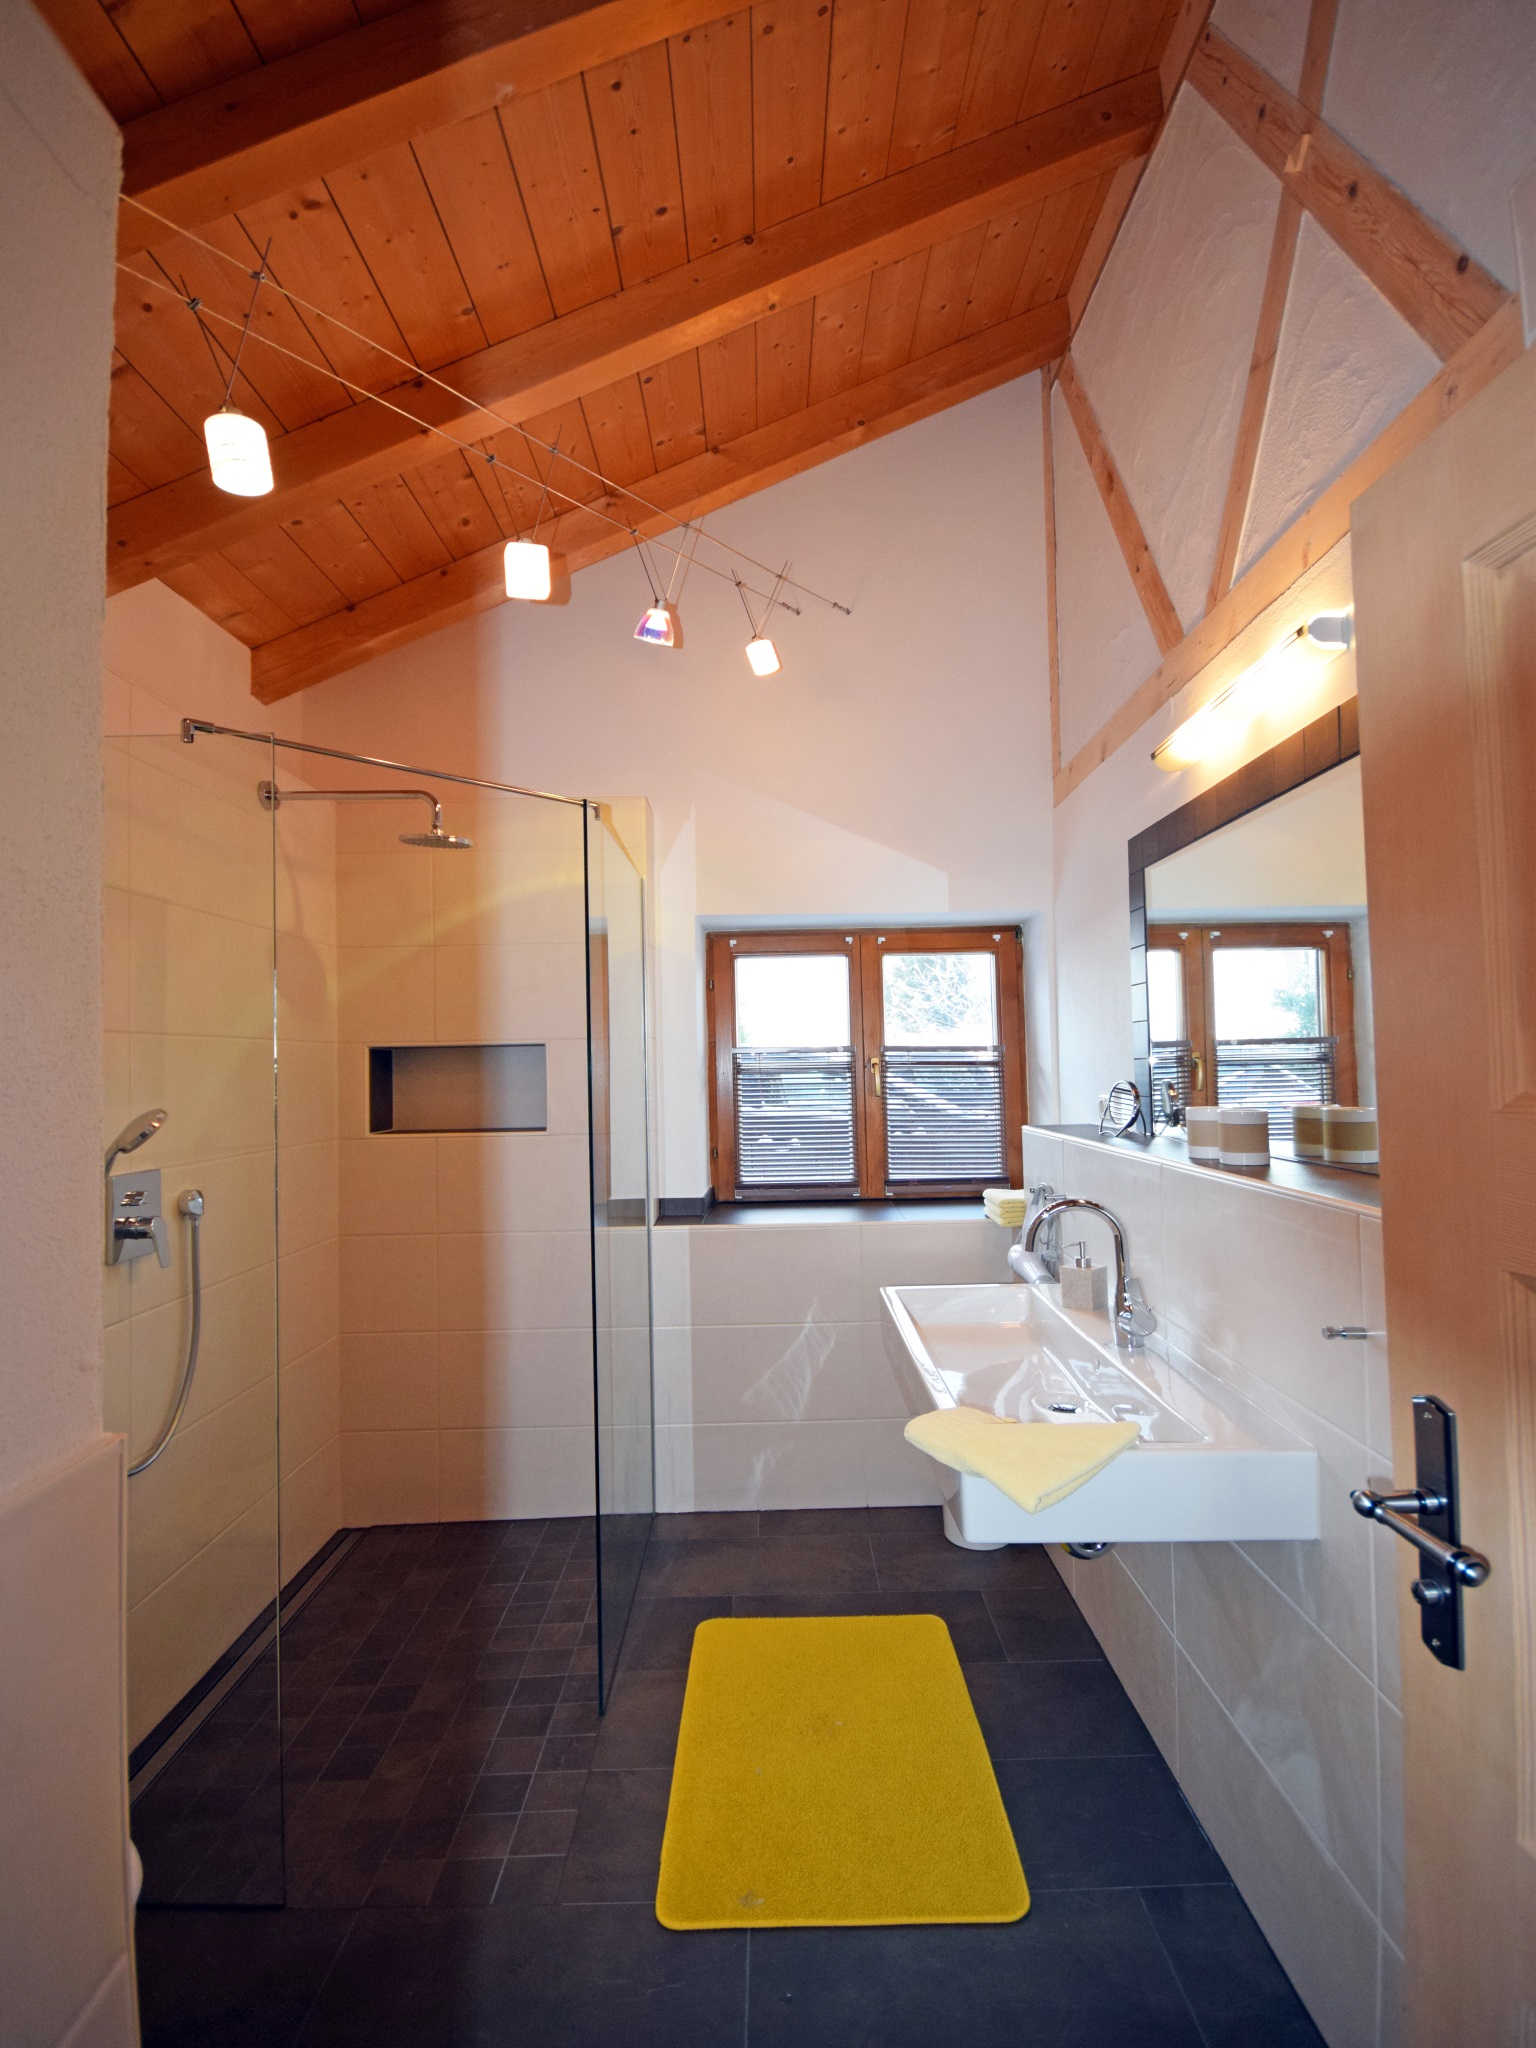 Holiday apartment Bosch Hermann jun. (DE Grassau). Ferienwohnung Hochfelln, 72 qm, f. 2-3 Pers. (916663), Grassau, Chiemgau, Bavaria, Germany, picture 8